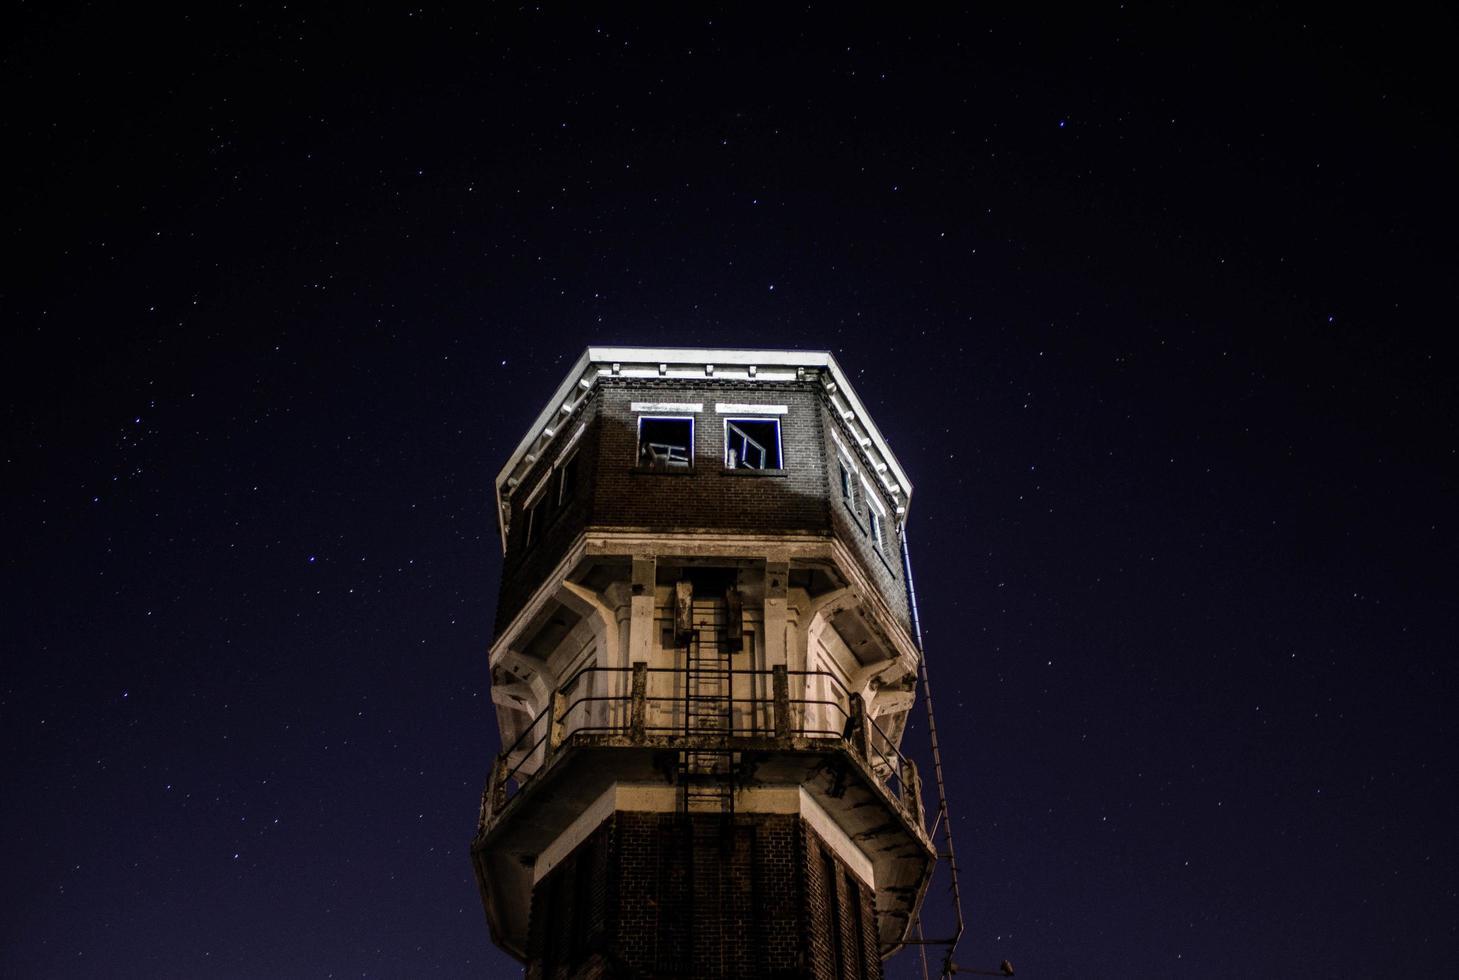 Brygge, Belgien, 2020 - toppen av Brygge klocktorn på natten foto